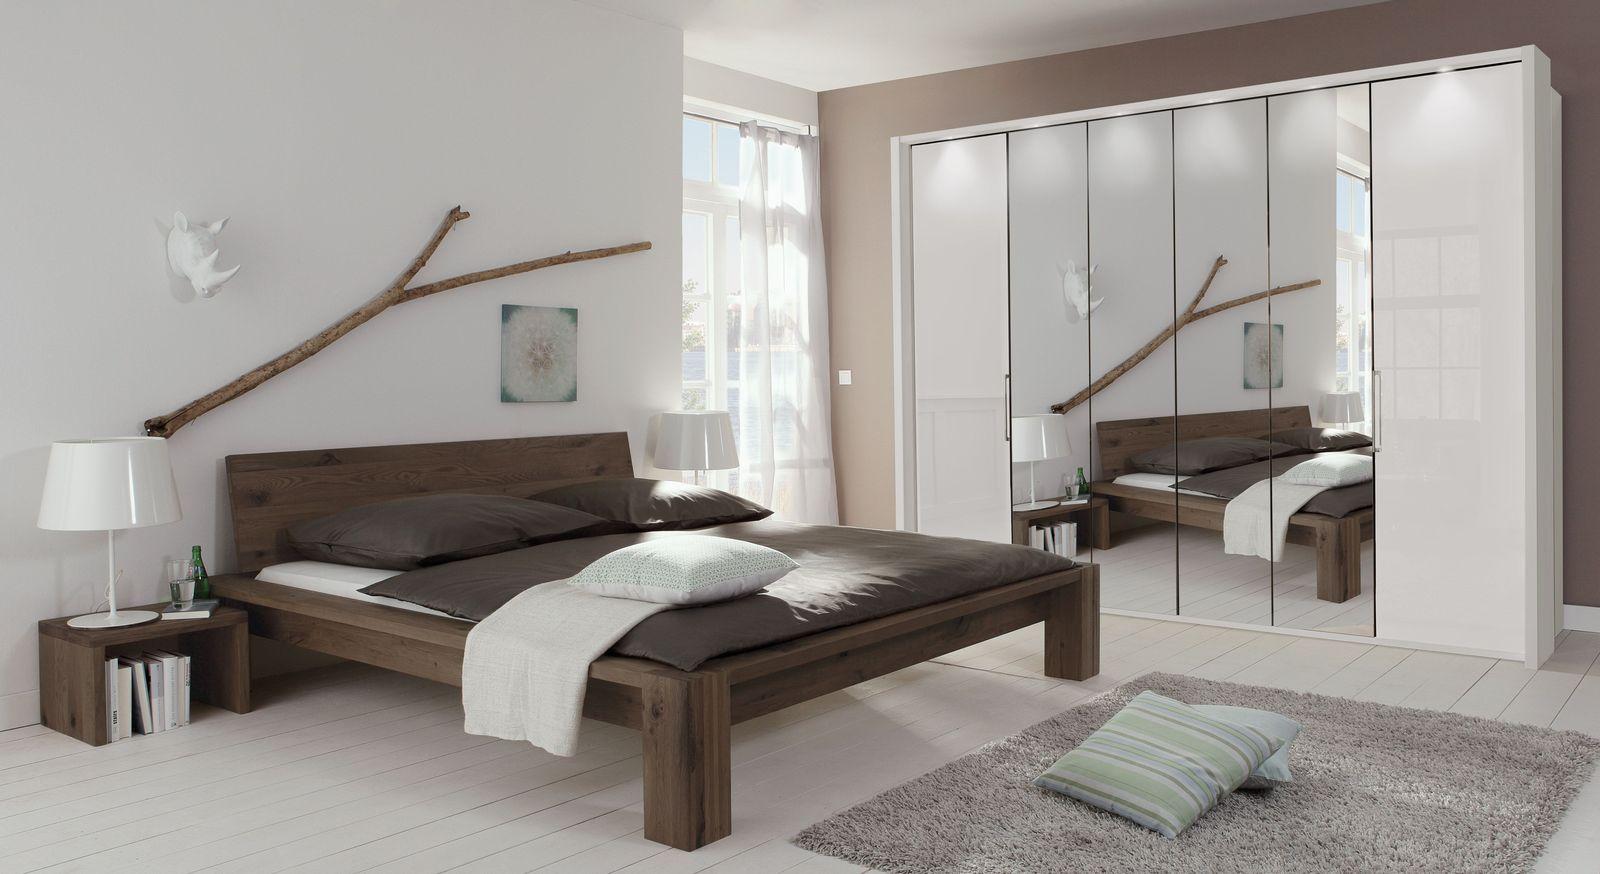 Spiegel-Falttüren-Kleiderschrank Westville mit passendem Bett